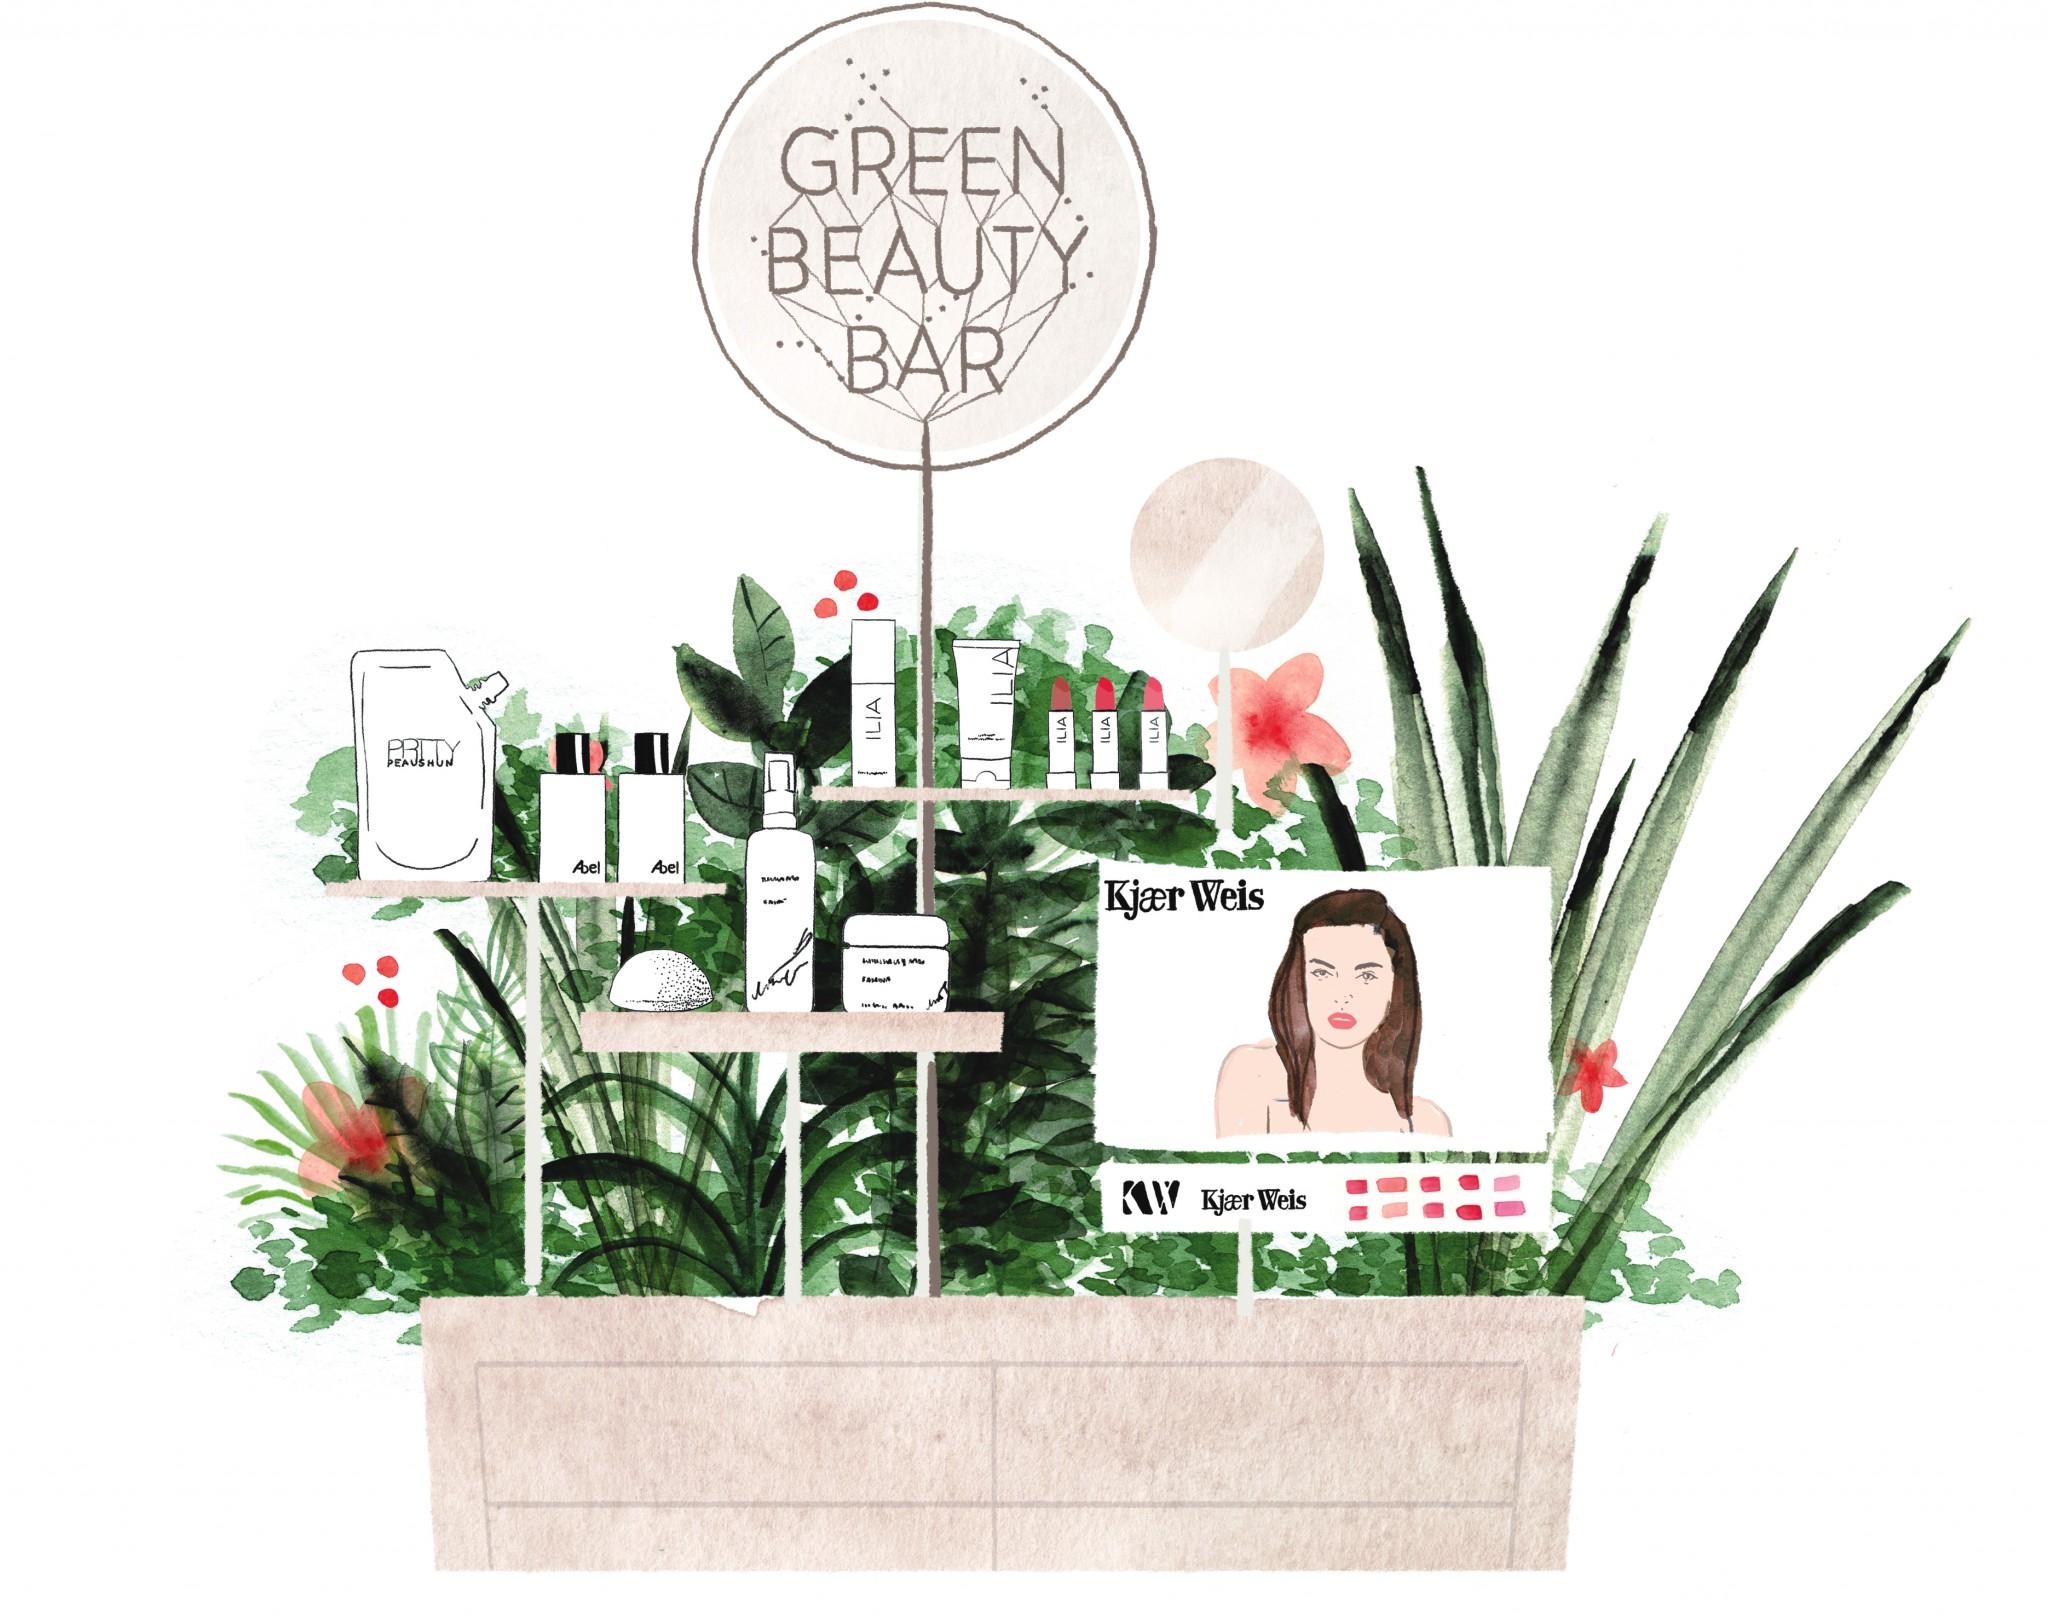 Green Beauty Bar - ORganic & Natural Cosmetics / Makeup